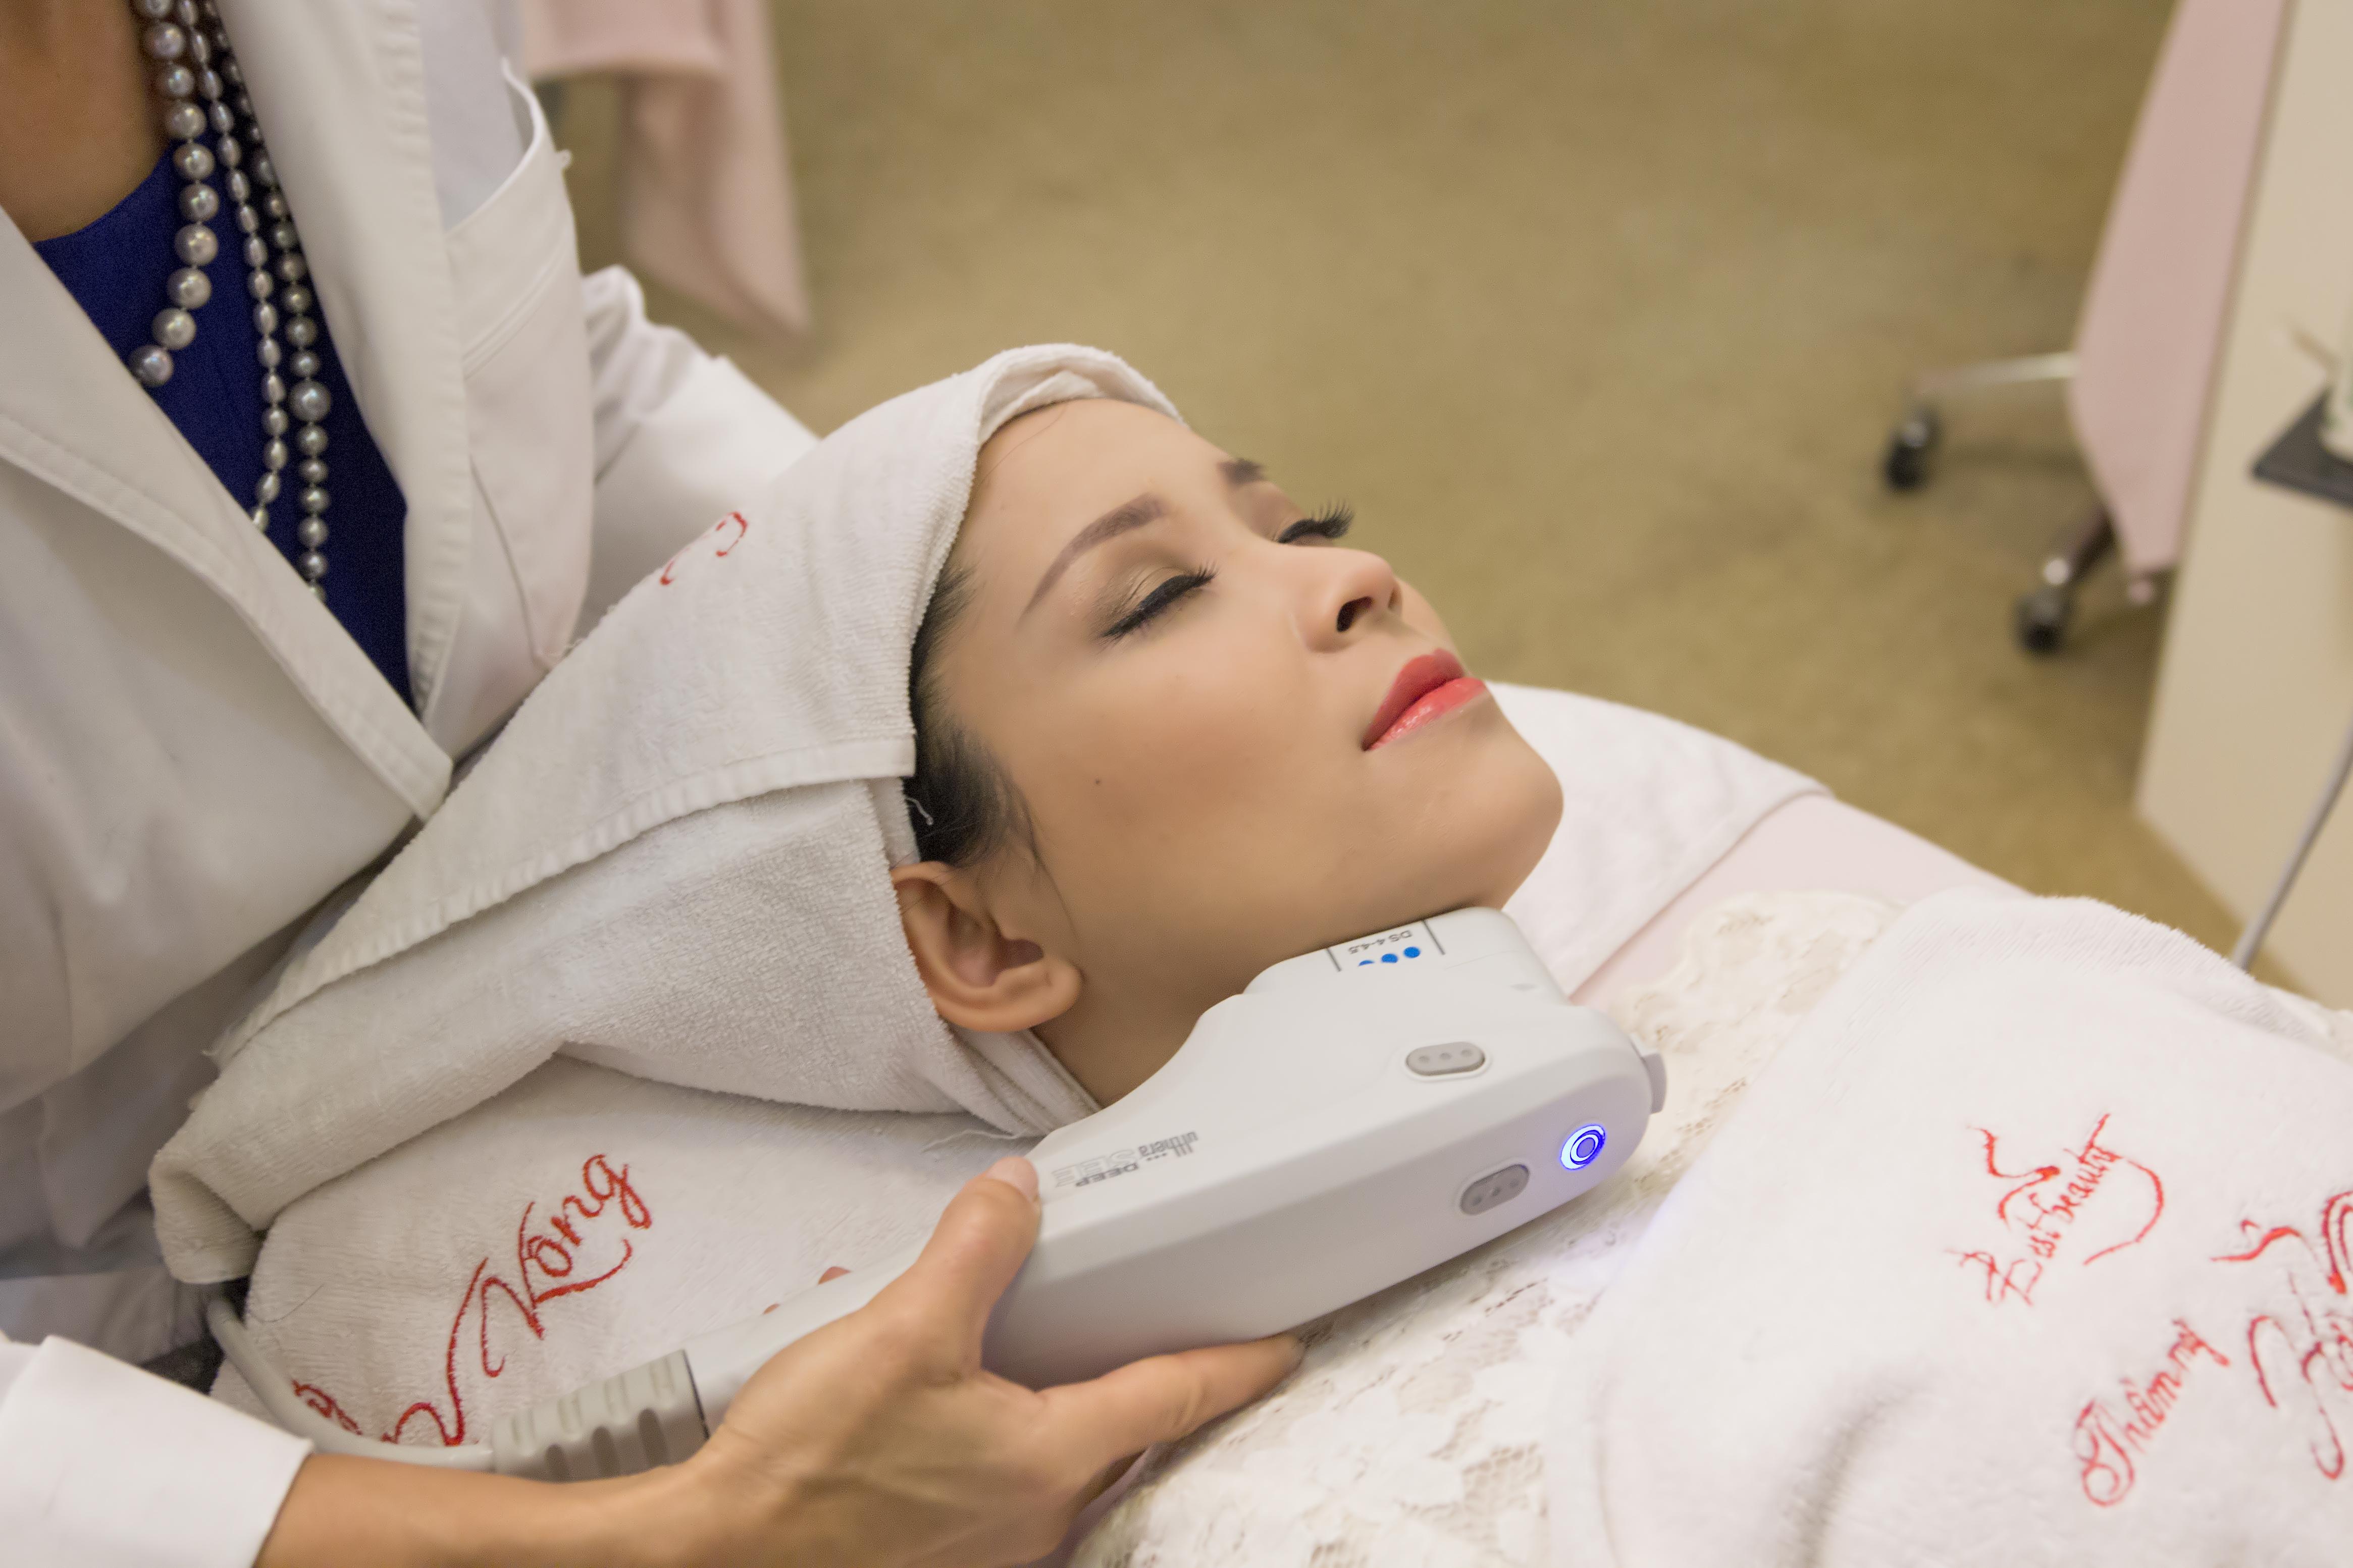 Căng da mặt không phẫu thuật bằng công nghệ Thermage